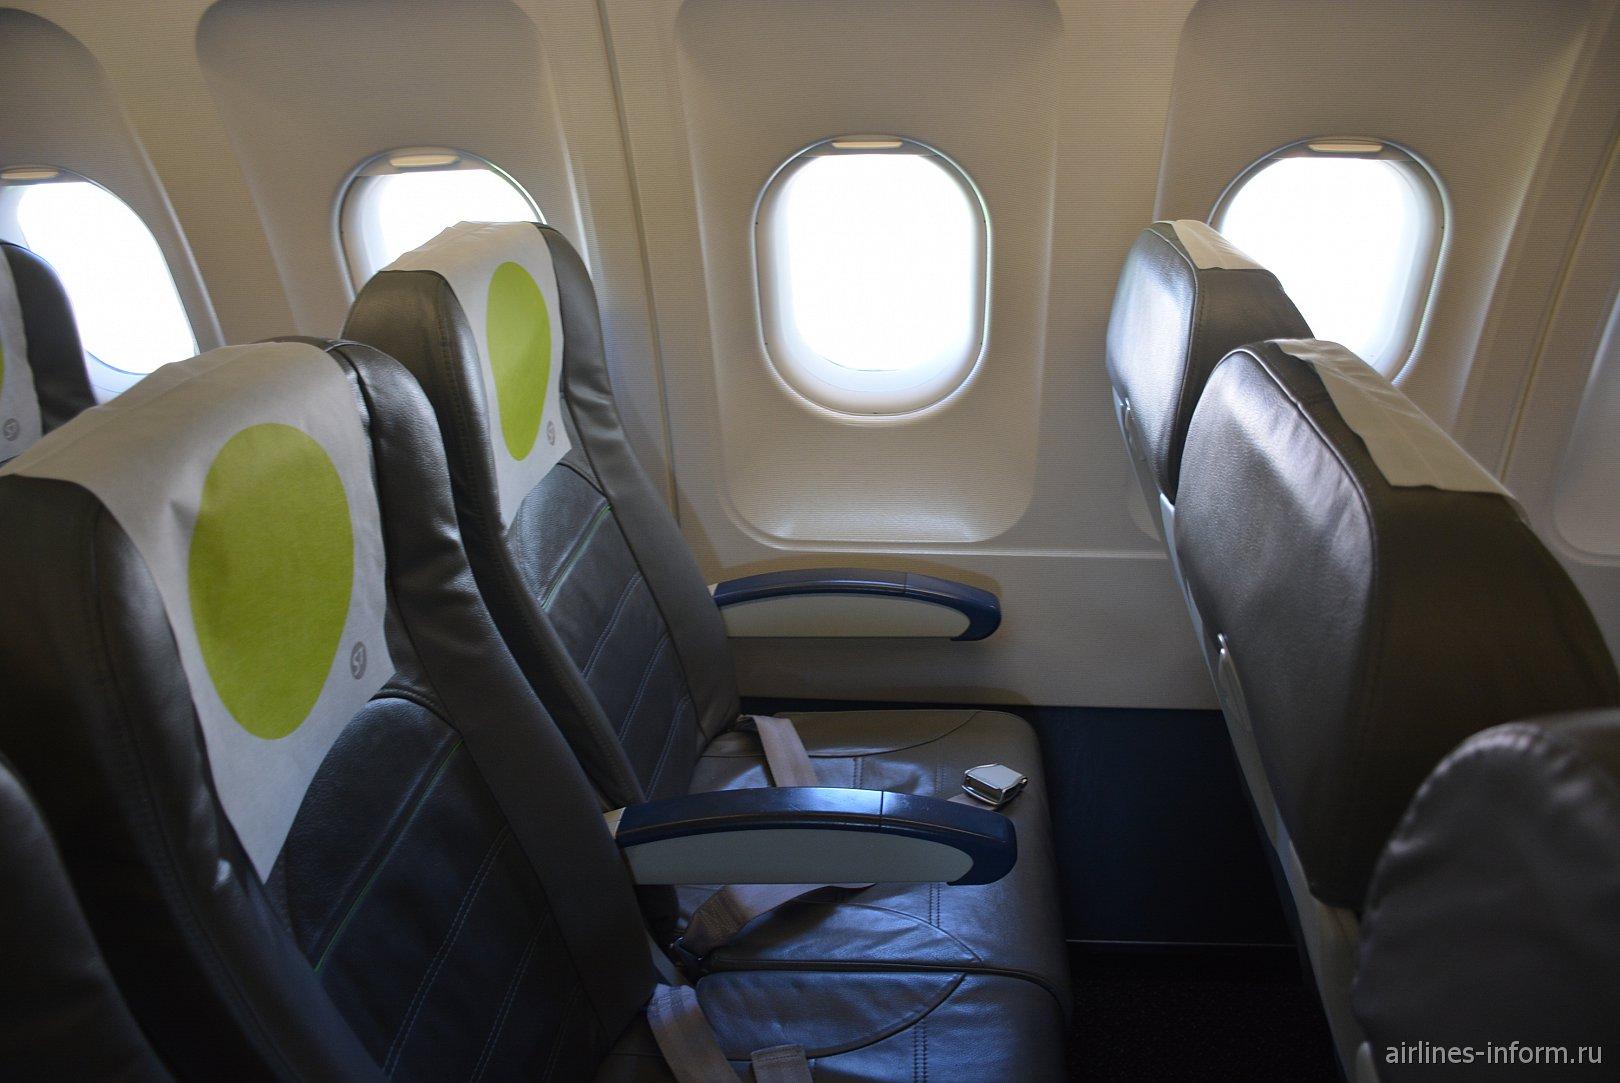 Пассажирские кресла в самолете Airbus A319 авиакомпании S7 Airlines